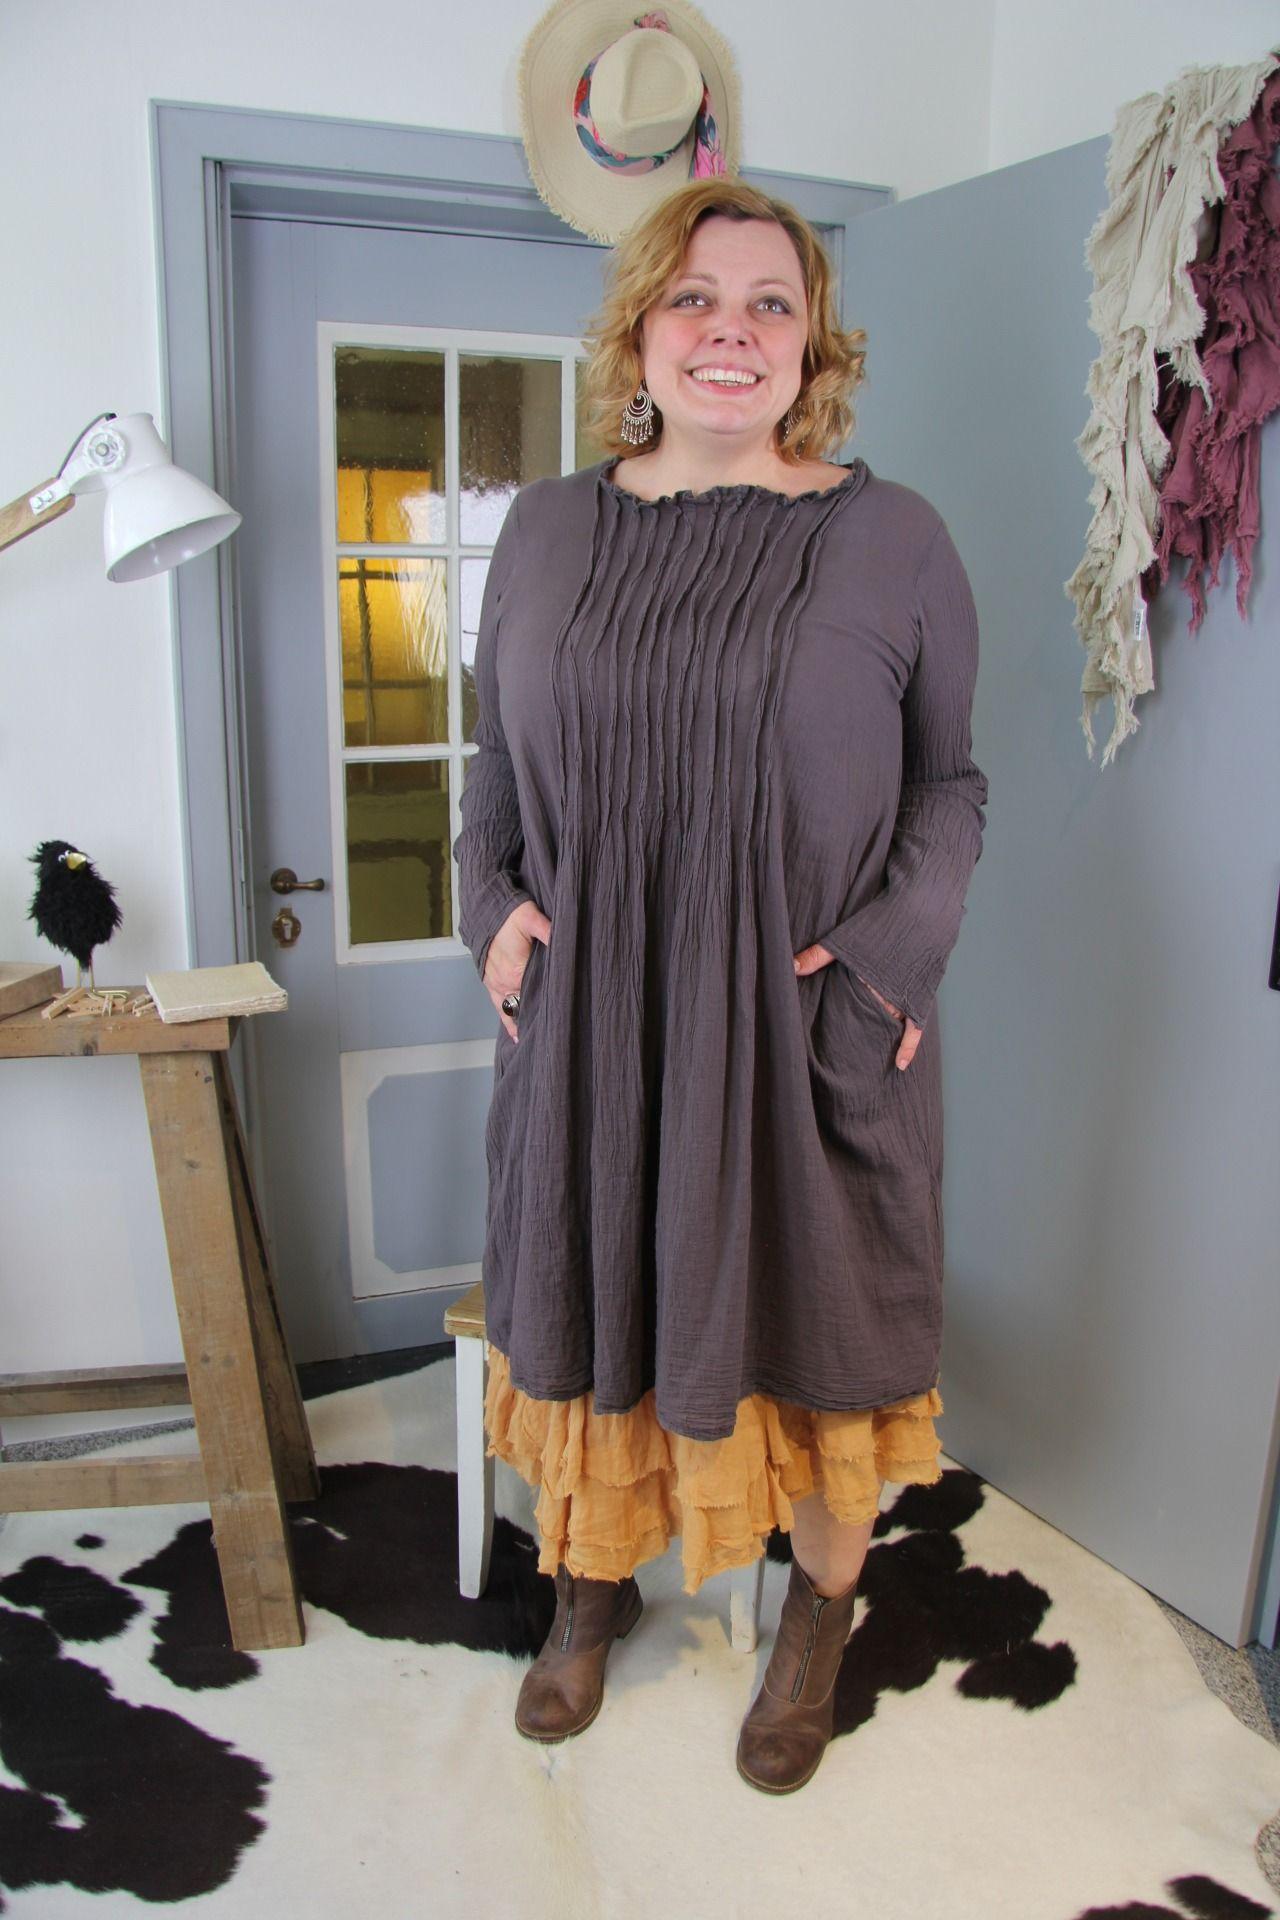 Privatsachen Tunika Buschtig 2011403 In Muskat Tunika Kleid Aus Reiner Kba Baumwolle Von Cocon Commerz Privats In 2020 Privatsachen Skandinavische Mode Tunika Kleid